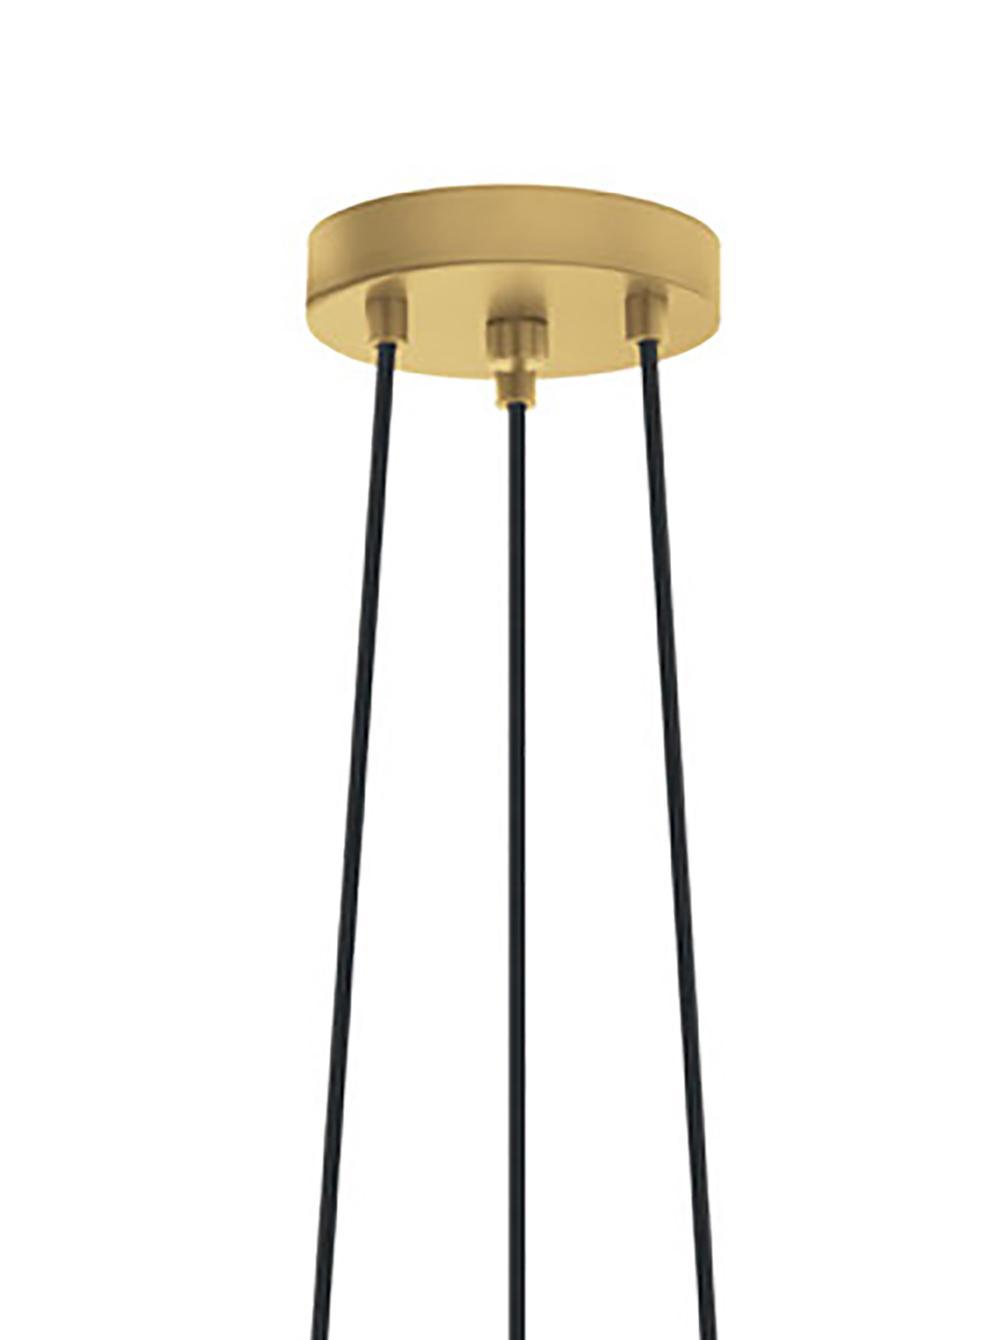 Pendelleuchte Kyle, Baldachin: Metall, gebürstet, Goldfarben, Ø 36 cm